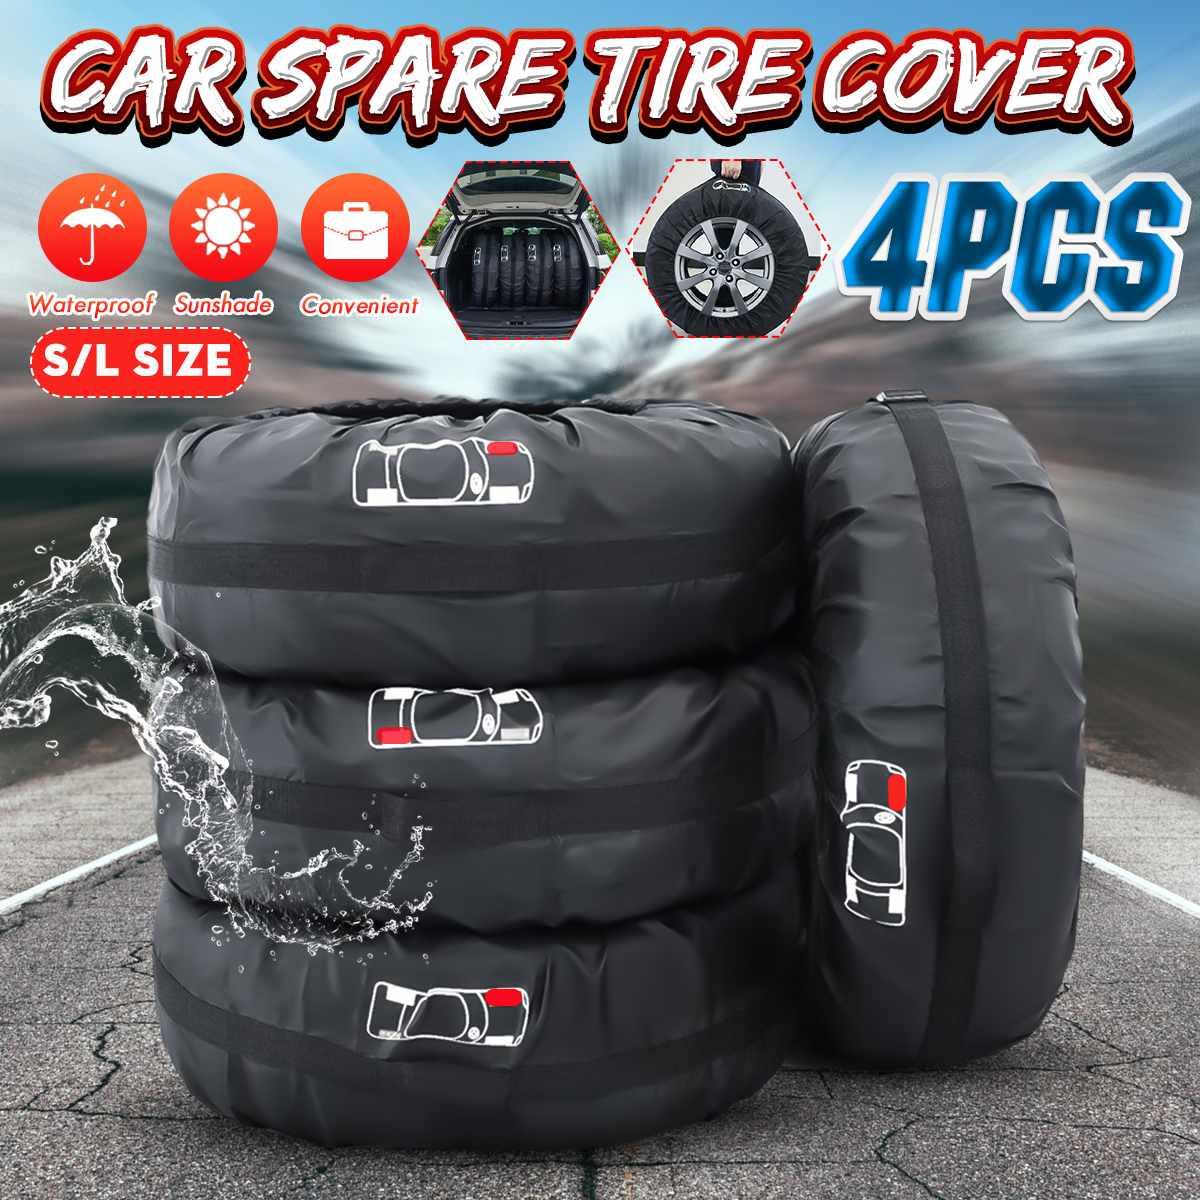 Universal 4pcs S/L รถฝาครอบยางอะไหล่กรณีโพลีเอสเตอร์ยางกระเป๋าเก็บกระเป๋า Auto ยางล้อกันฝุ่นกันน้ำ